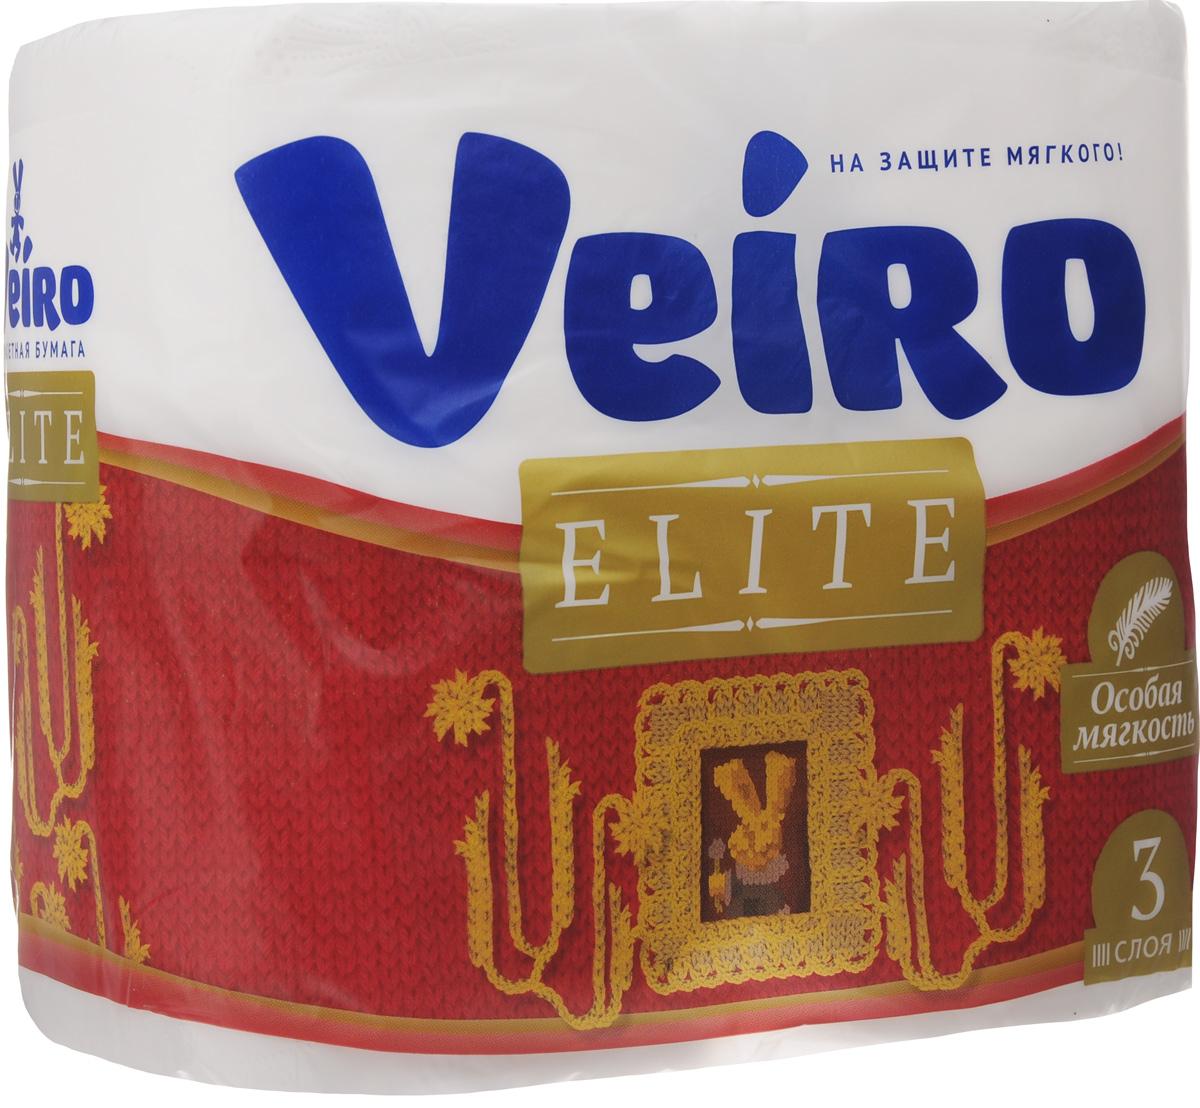 Бумага туалетная Veiro Elite, трехслойная, 4 рулона9С34Туалетная бумага Veiro Elite, выполненная из натуральной целлюлозы, обеспечивает превосходный комфорт и ощущение чистоты и свежести. Необыкновенно мягкая, но в тоже время прочная, бумага не расслаивается и отрывается строго по линии перфорации, не вызывает аллергии и раздражения. Трехслойные листы имеют рисунок с перфорацией.Количество слоев: 3. Размер листа: 12,5 х 9,5 см. Длина намотки: 20 м. Состав: 100% целлюлоза.